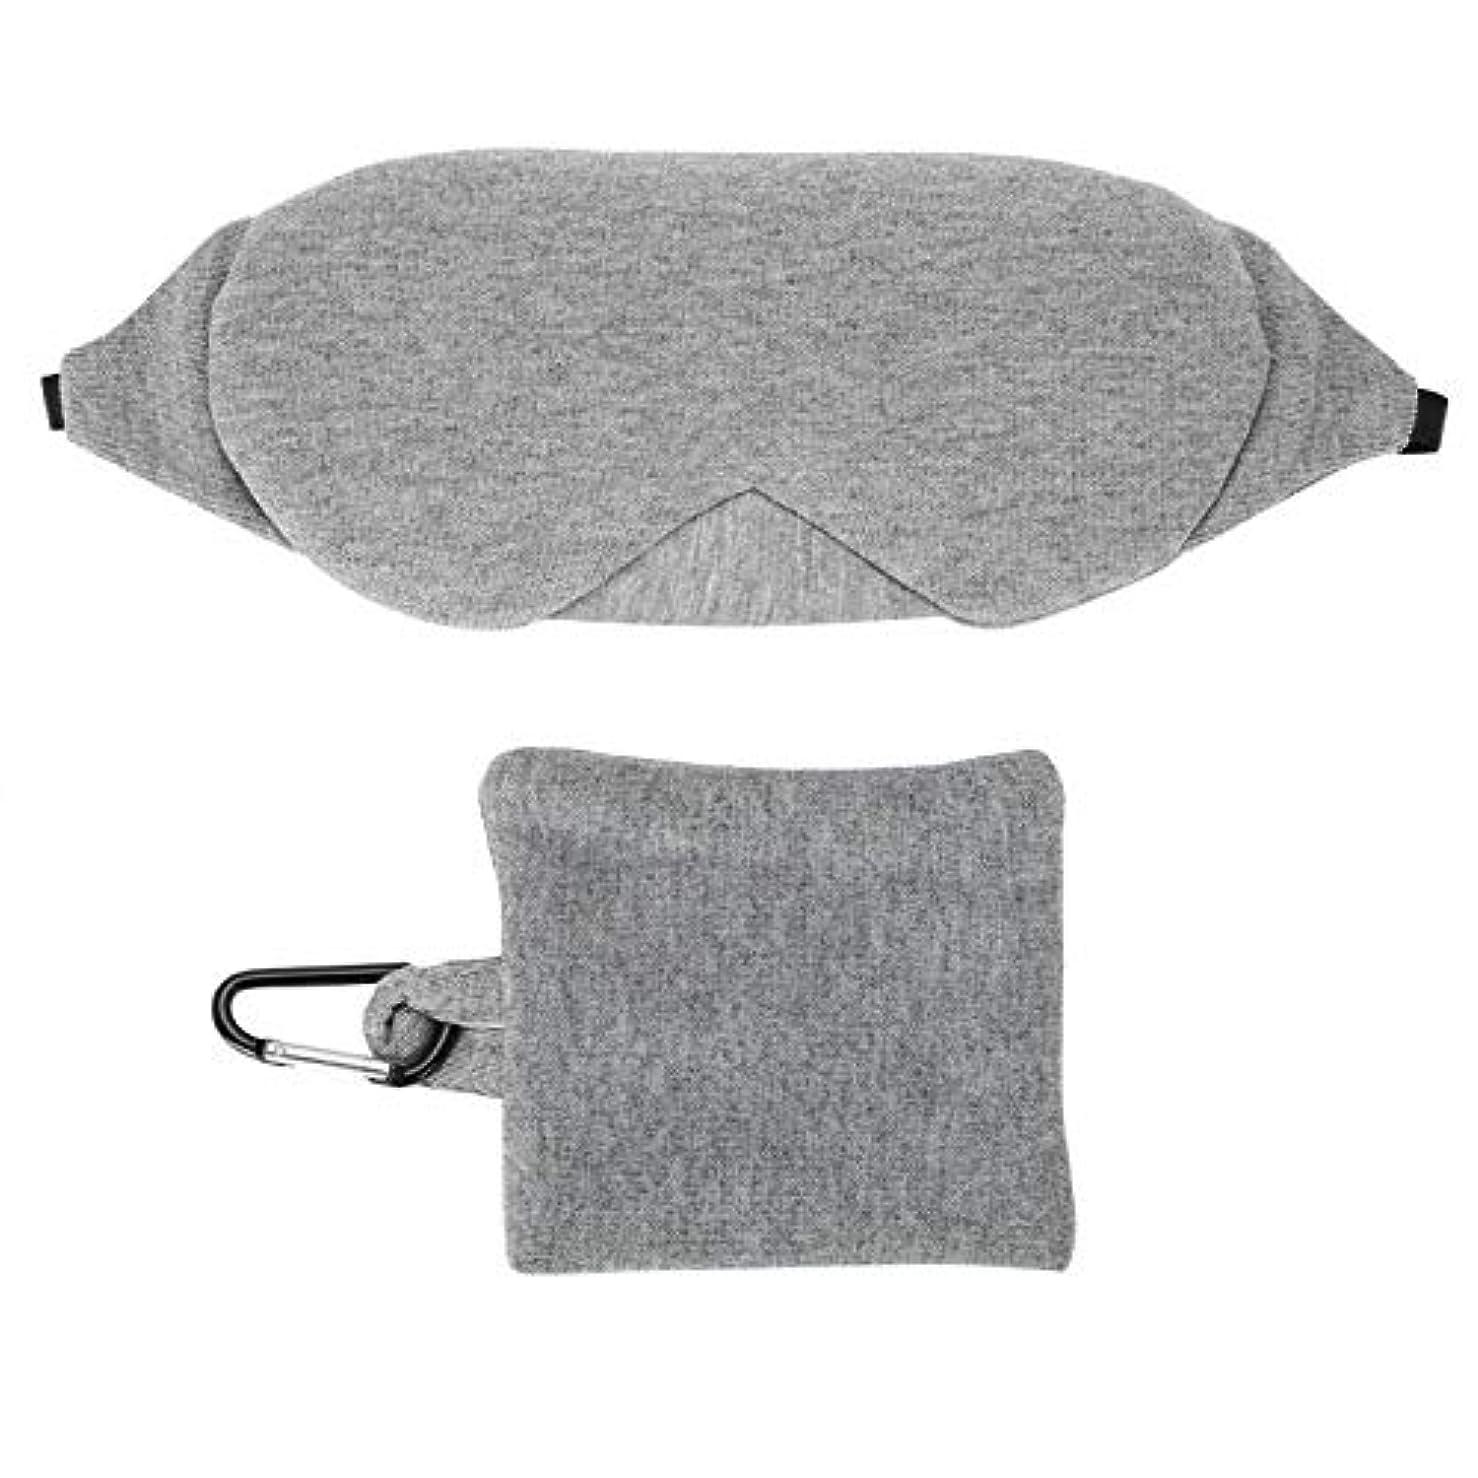 起きるじゃないディプロマNOTE 調節可能な睡眠マスク通気性アイシェードカバー睡眠目隠しアイパッチ睡眠マスクヘルプ不眠症ヘルスケアツール